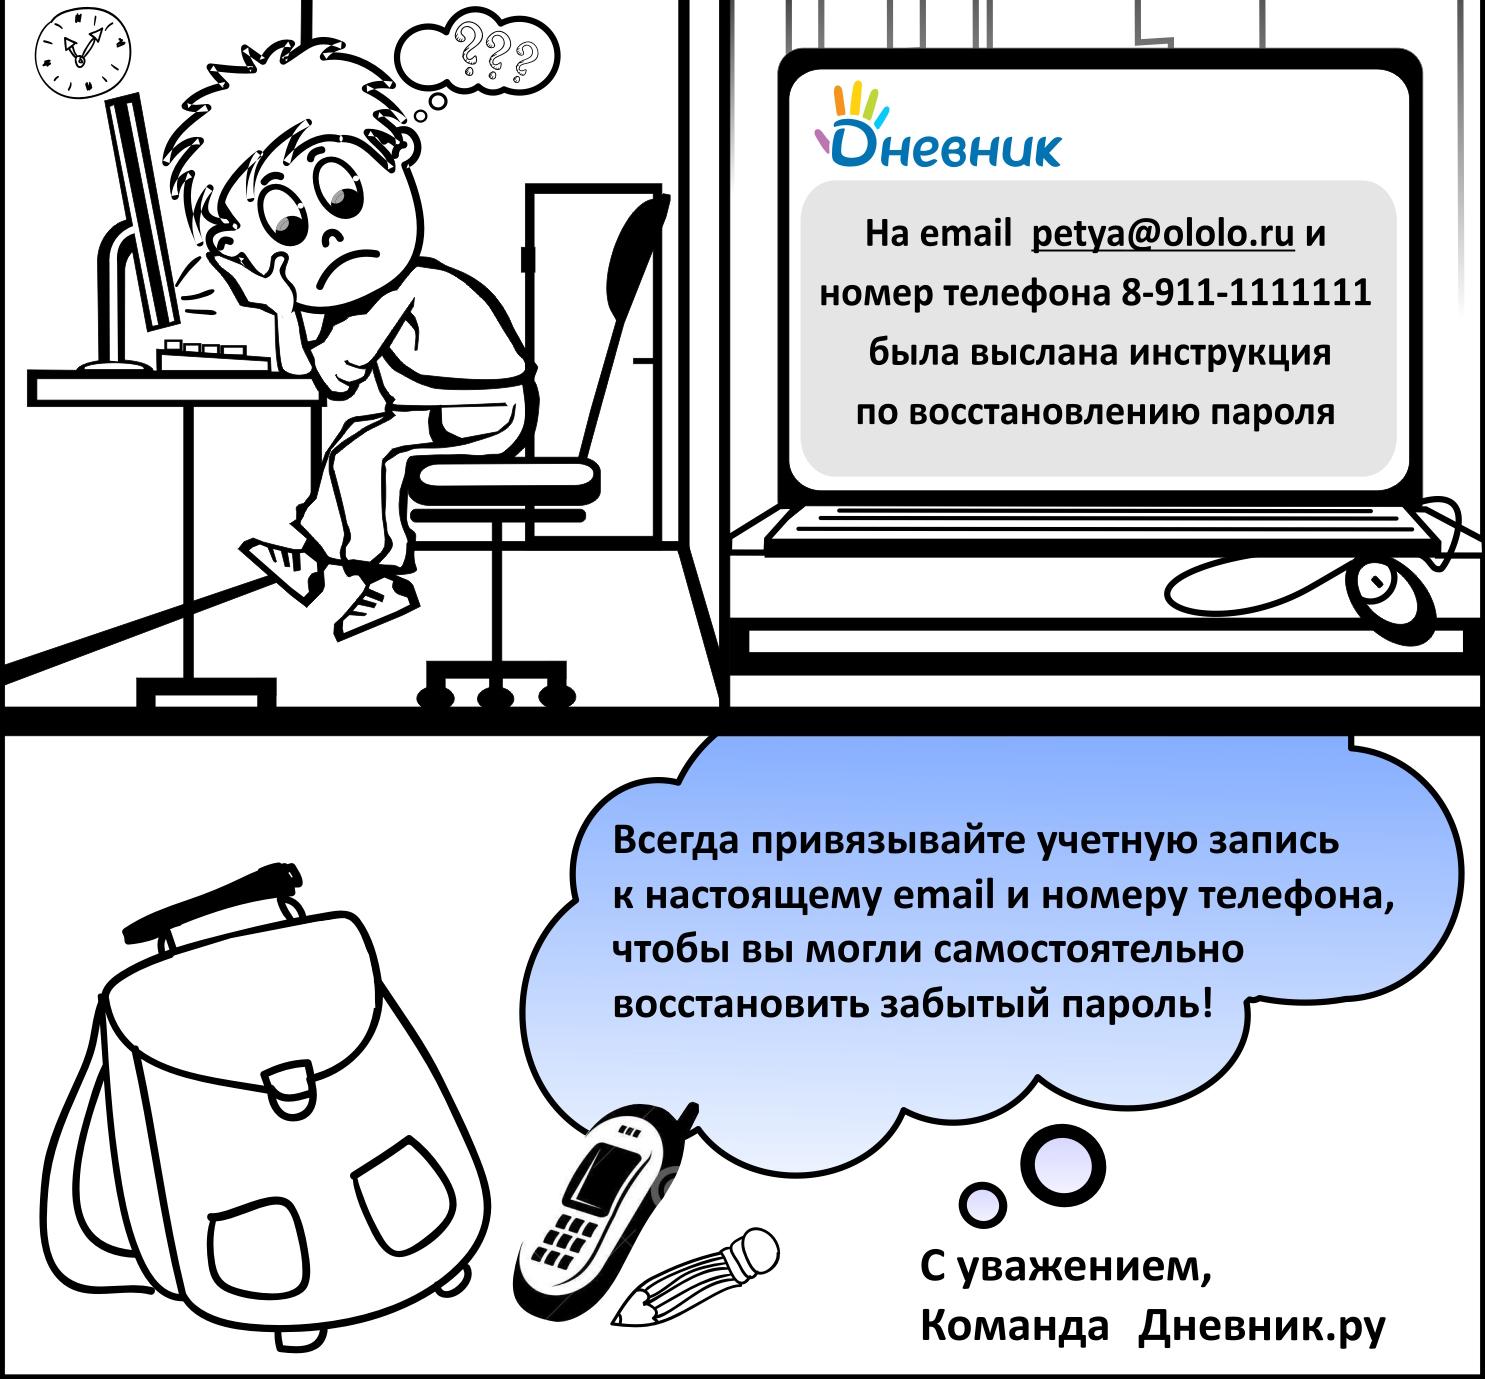 f380df80da13 Если данные для входа потеряны или не подходят, следует воспользоваться  функцией восстановления пароля на главной странице сайта - опция  «Восстановление ...